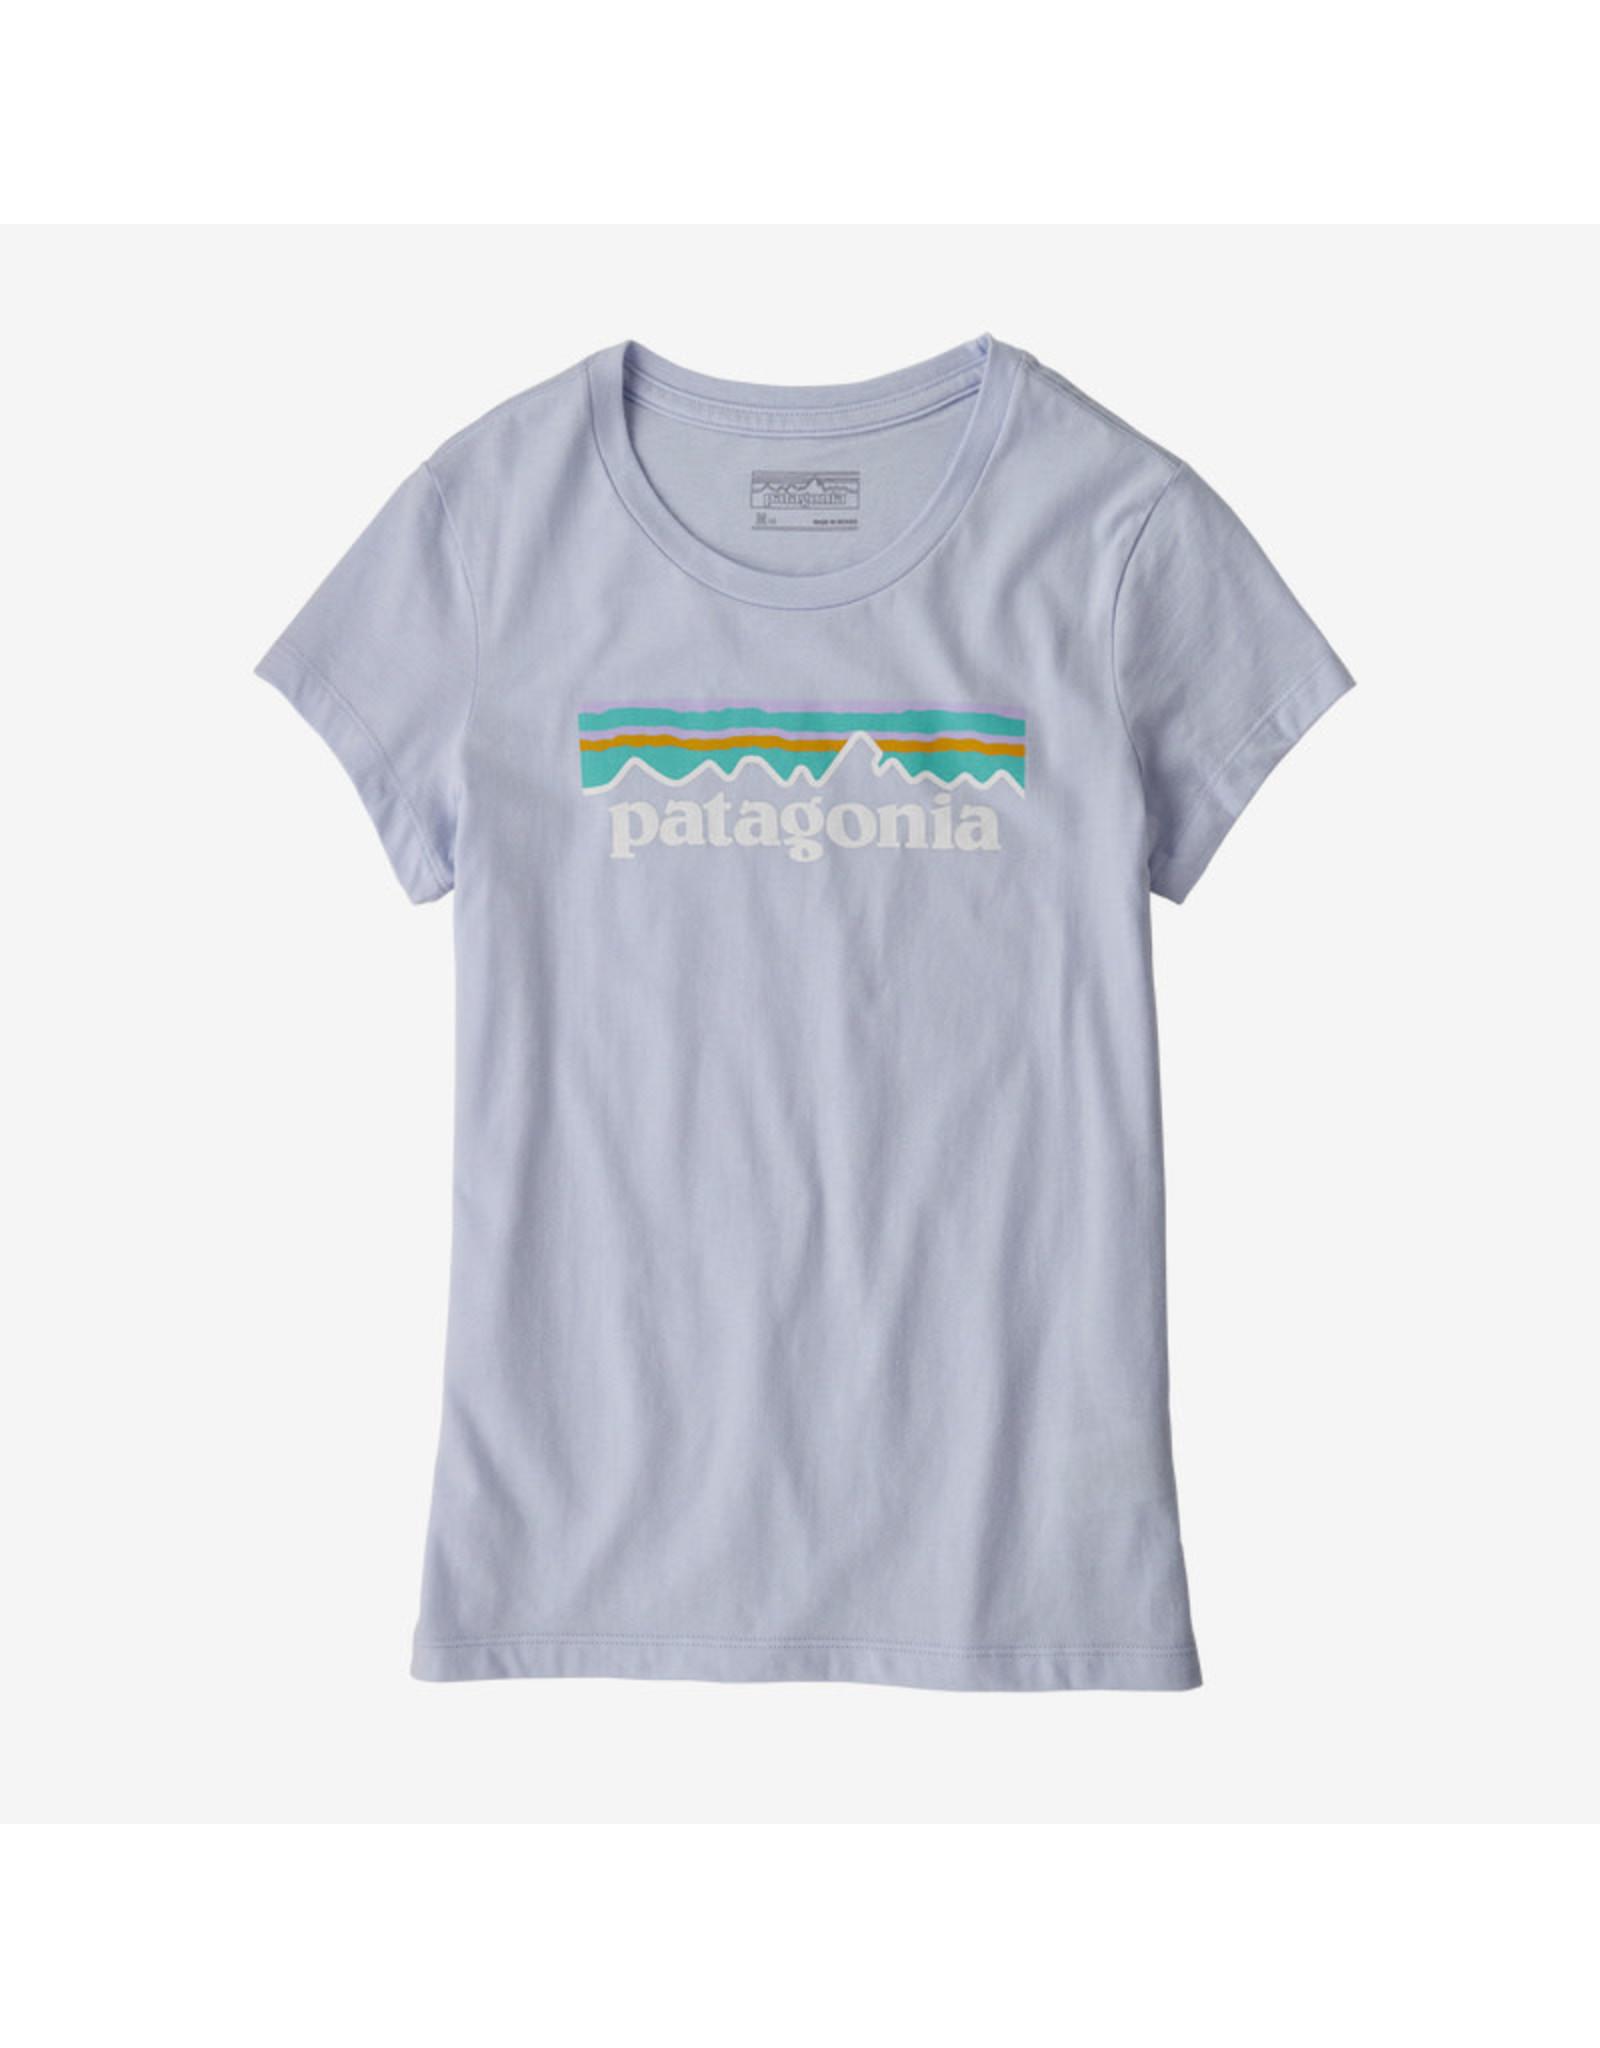 Patagonia Patagonia - T-shirt fille pastel p-6 logo organic beluga